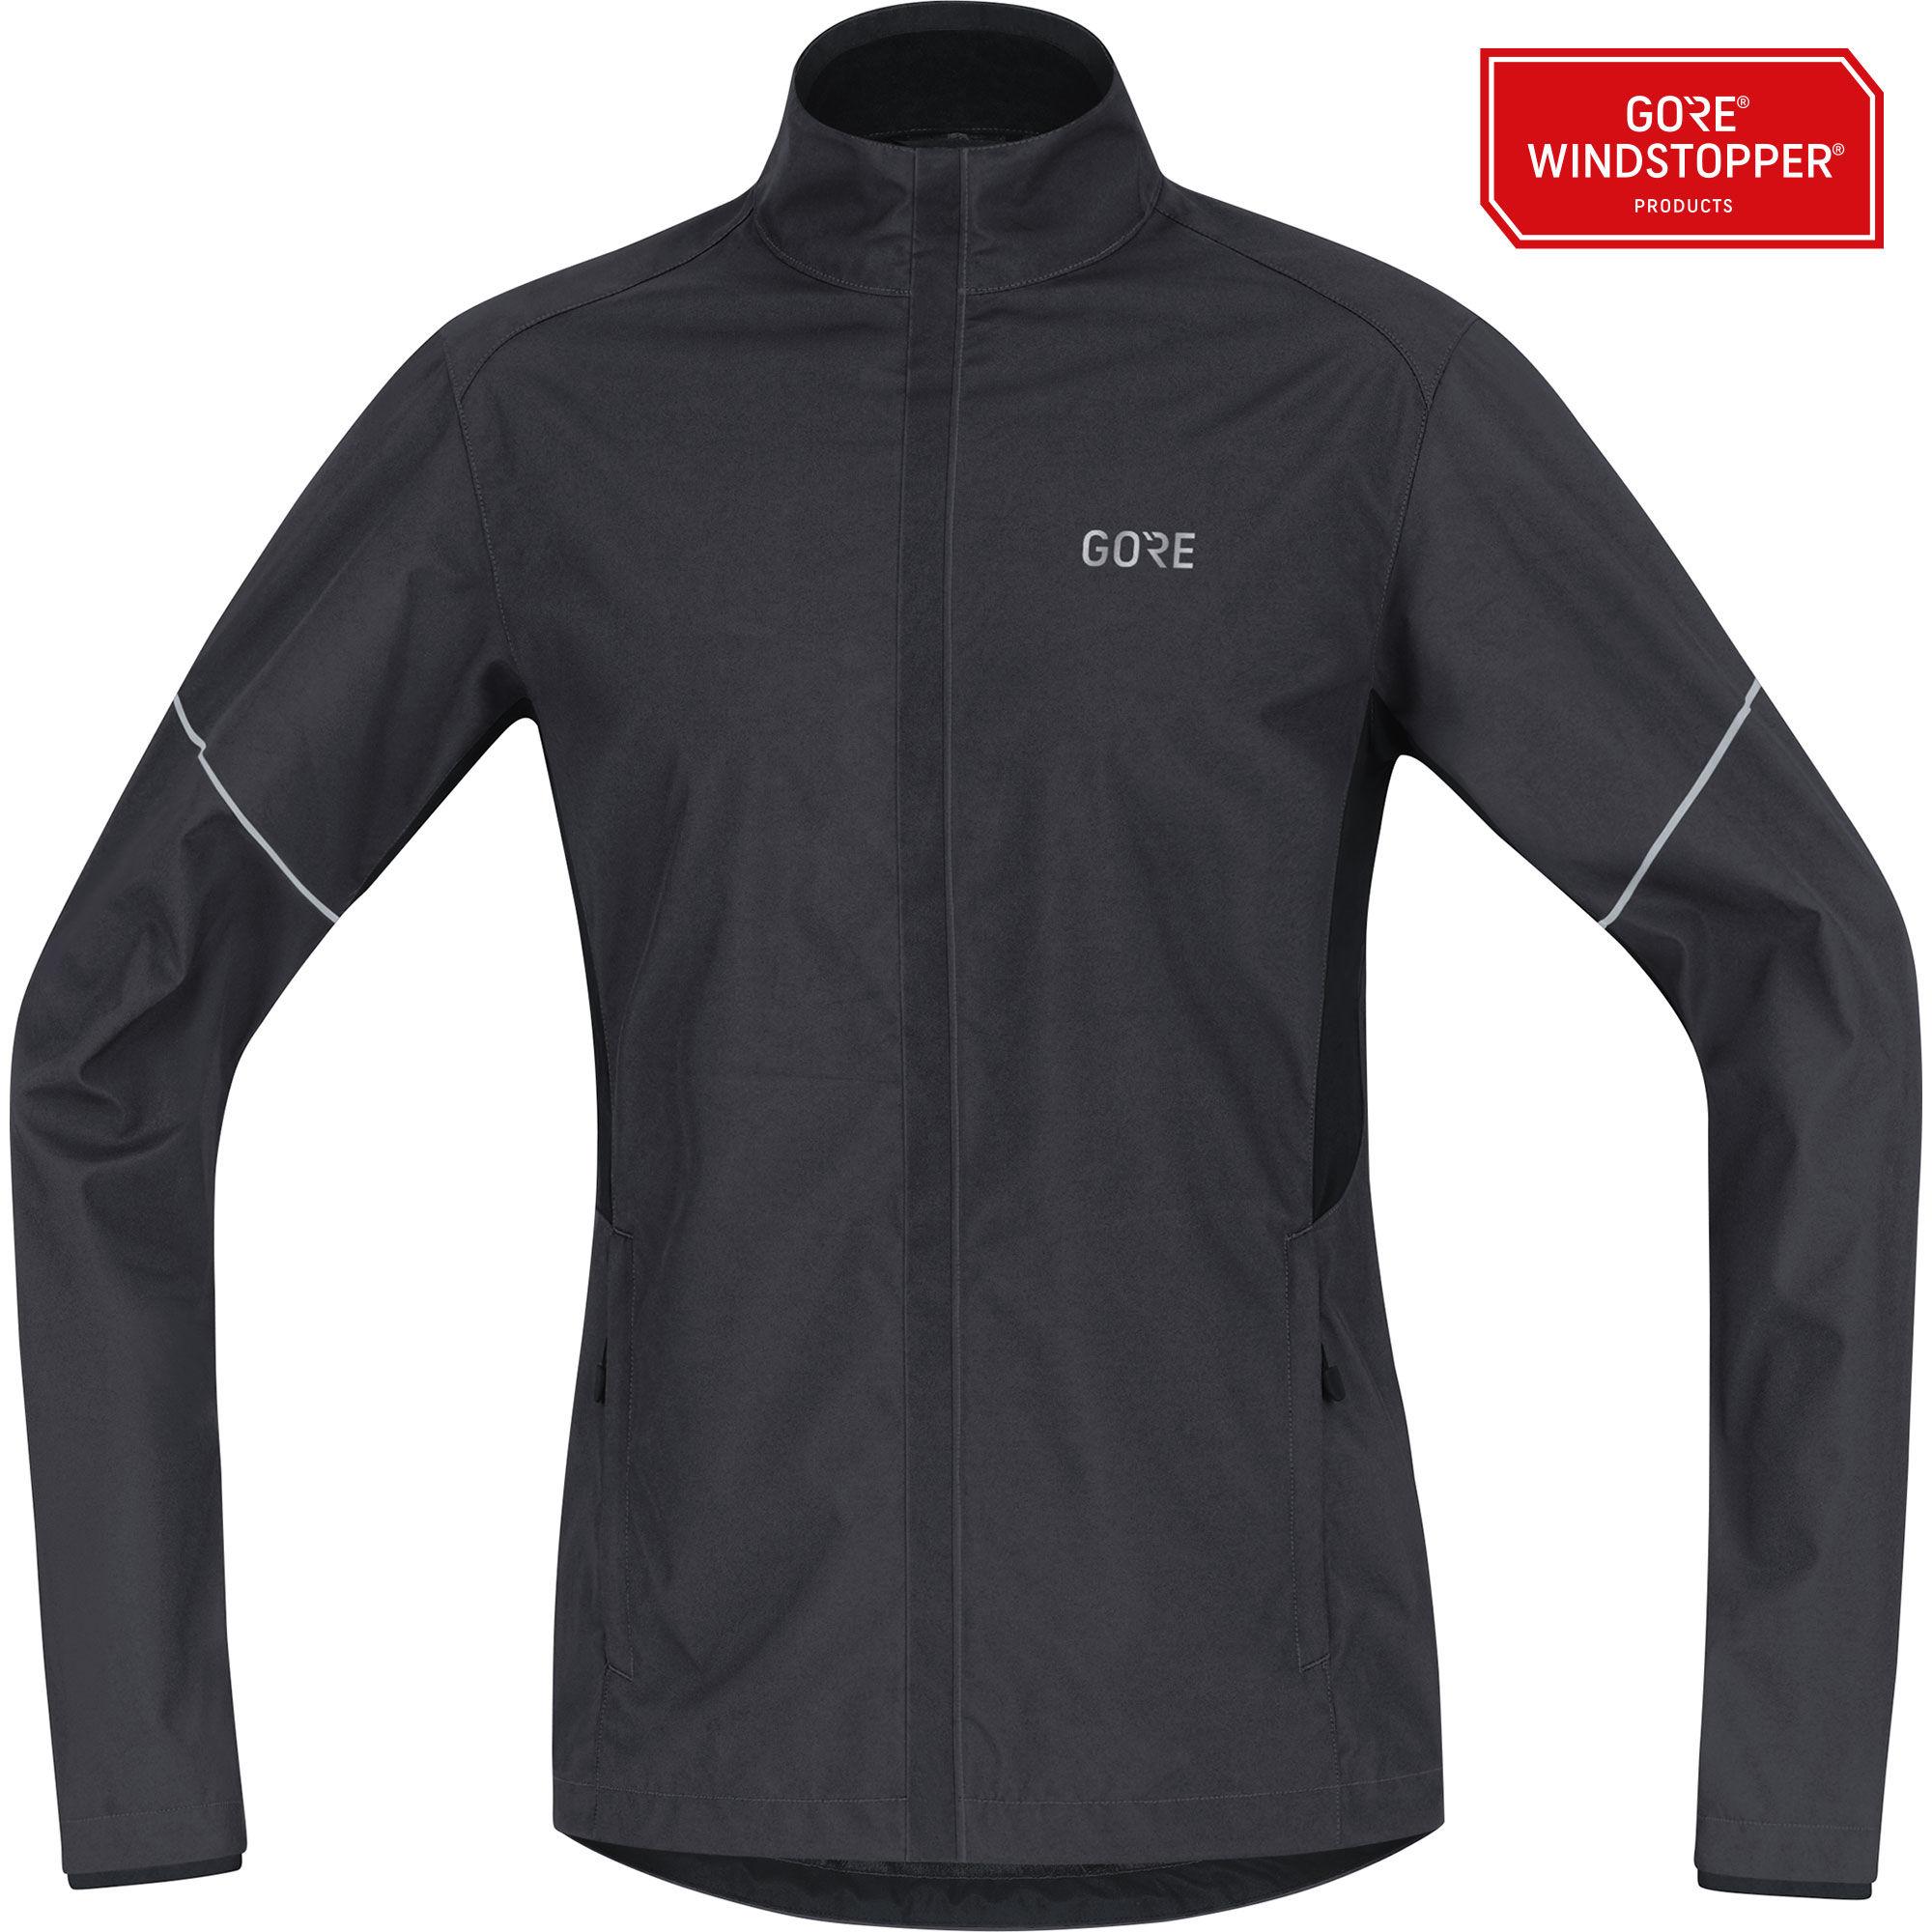 Gore R3 Partial GWS Jacket in Schwarz